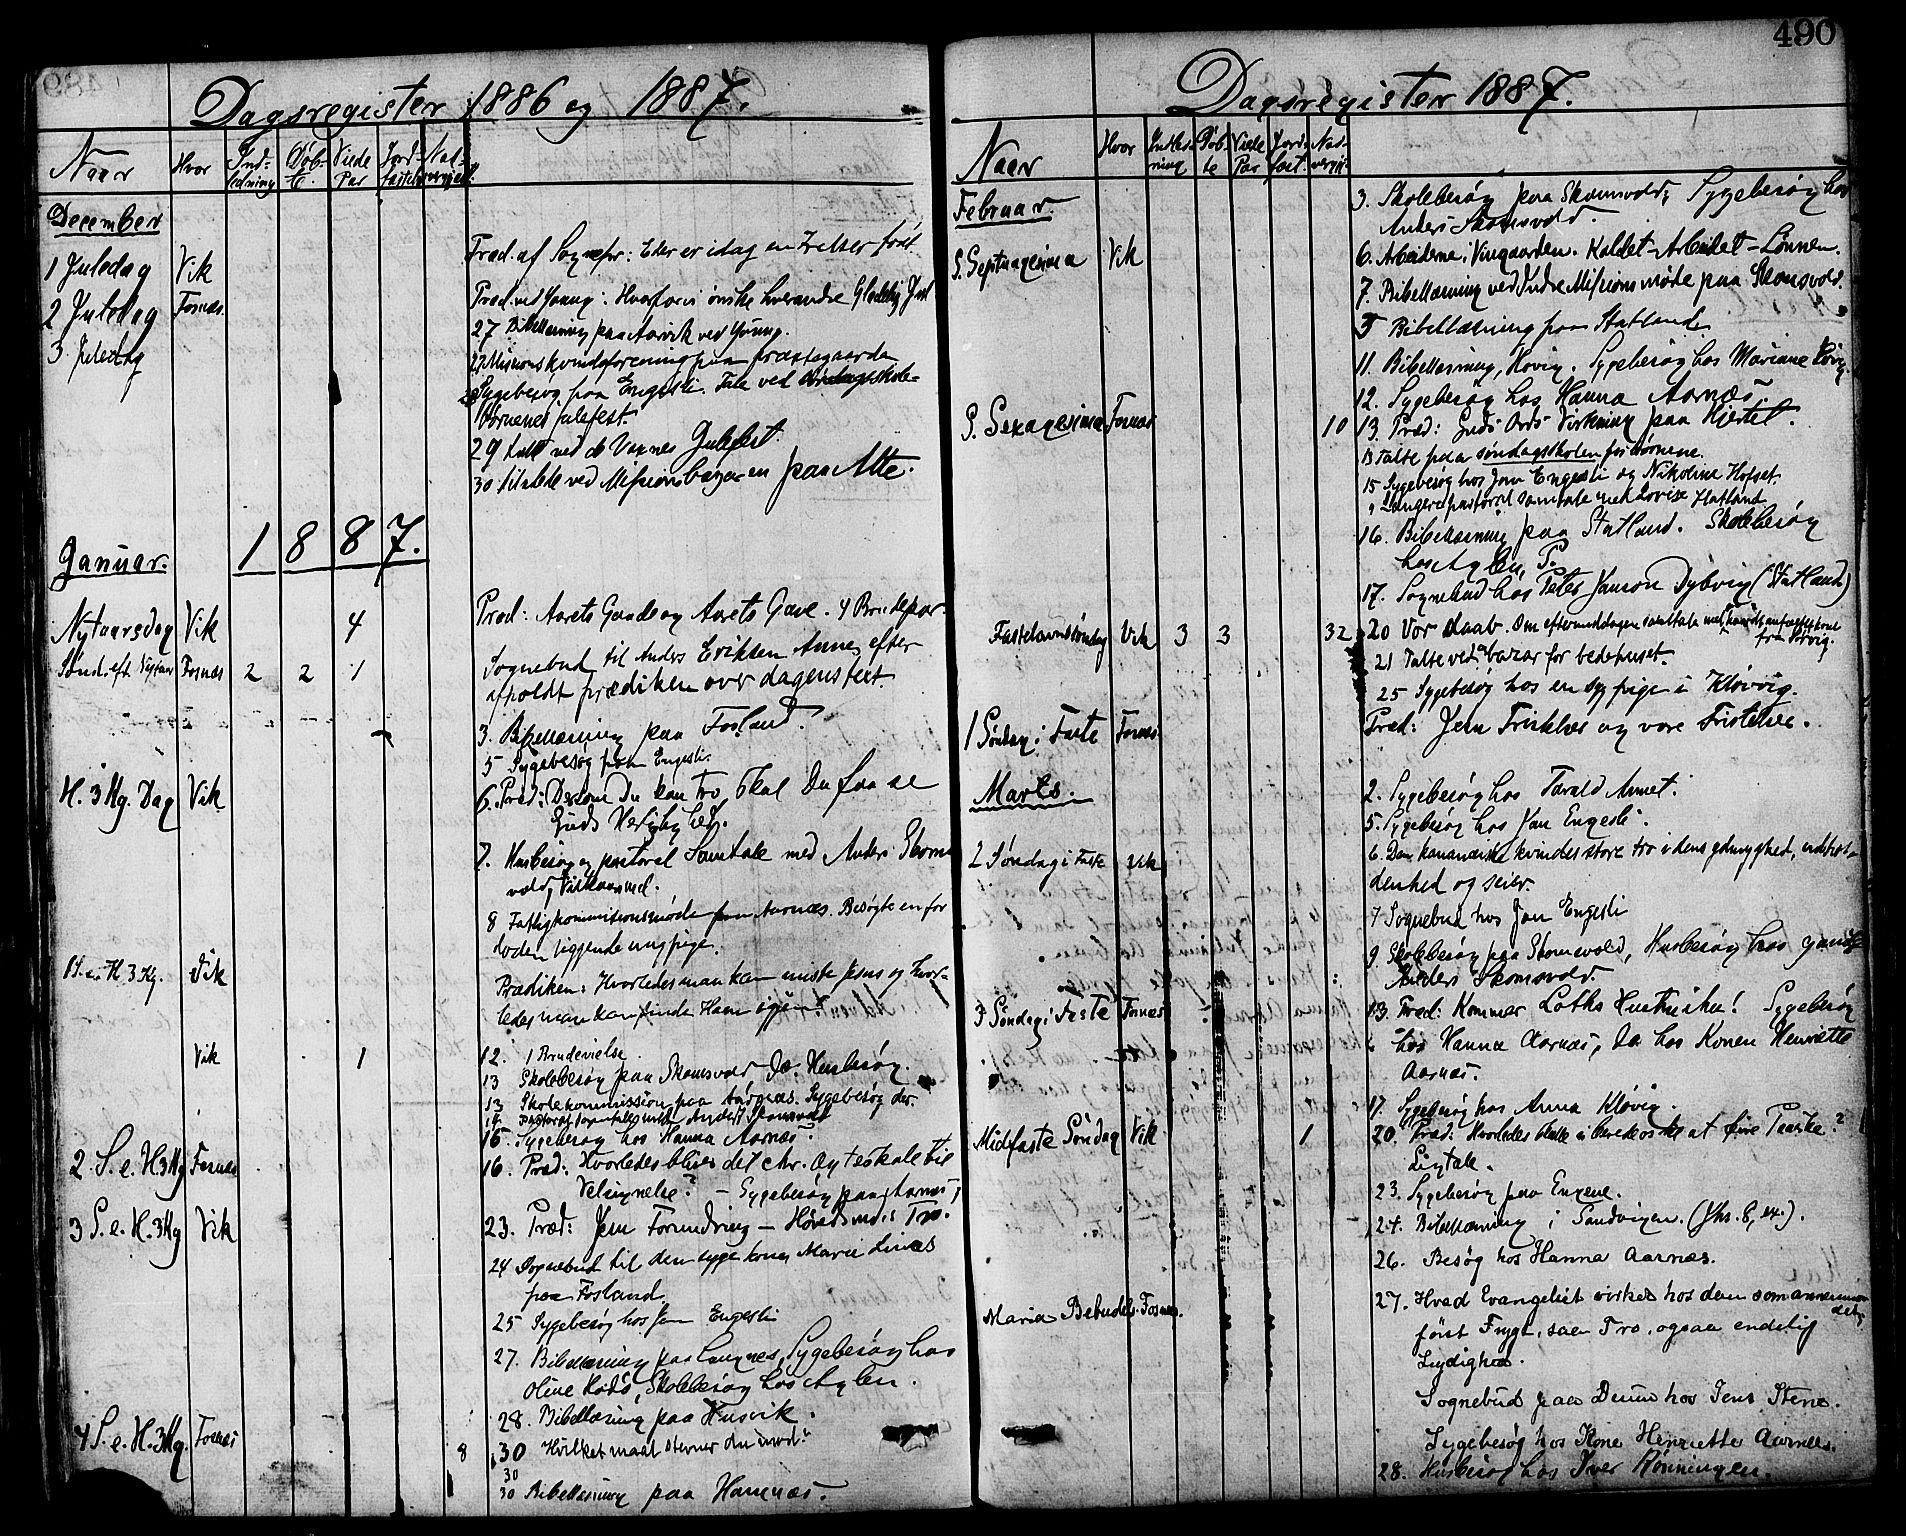 SAT, Ministerialprotokoller, klokkerbøker og fødselsregistre - Nord-Trøndelag, 773/L0616: Ministerialbok nr. 773A07, 1870-1887, s. 490